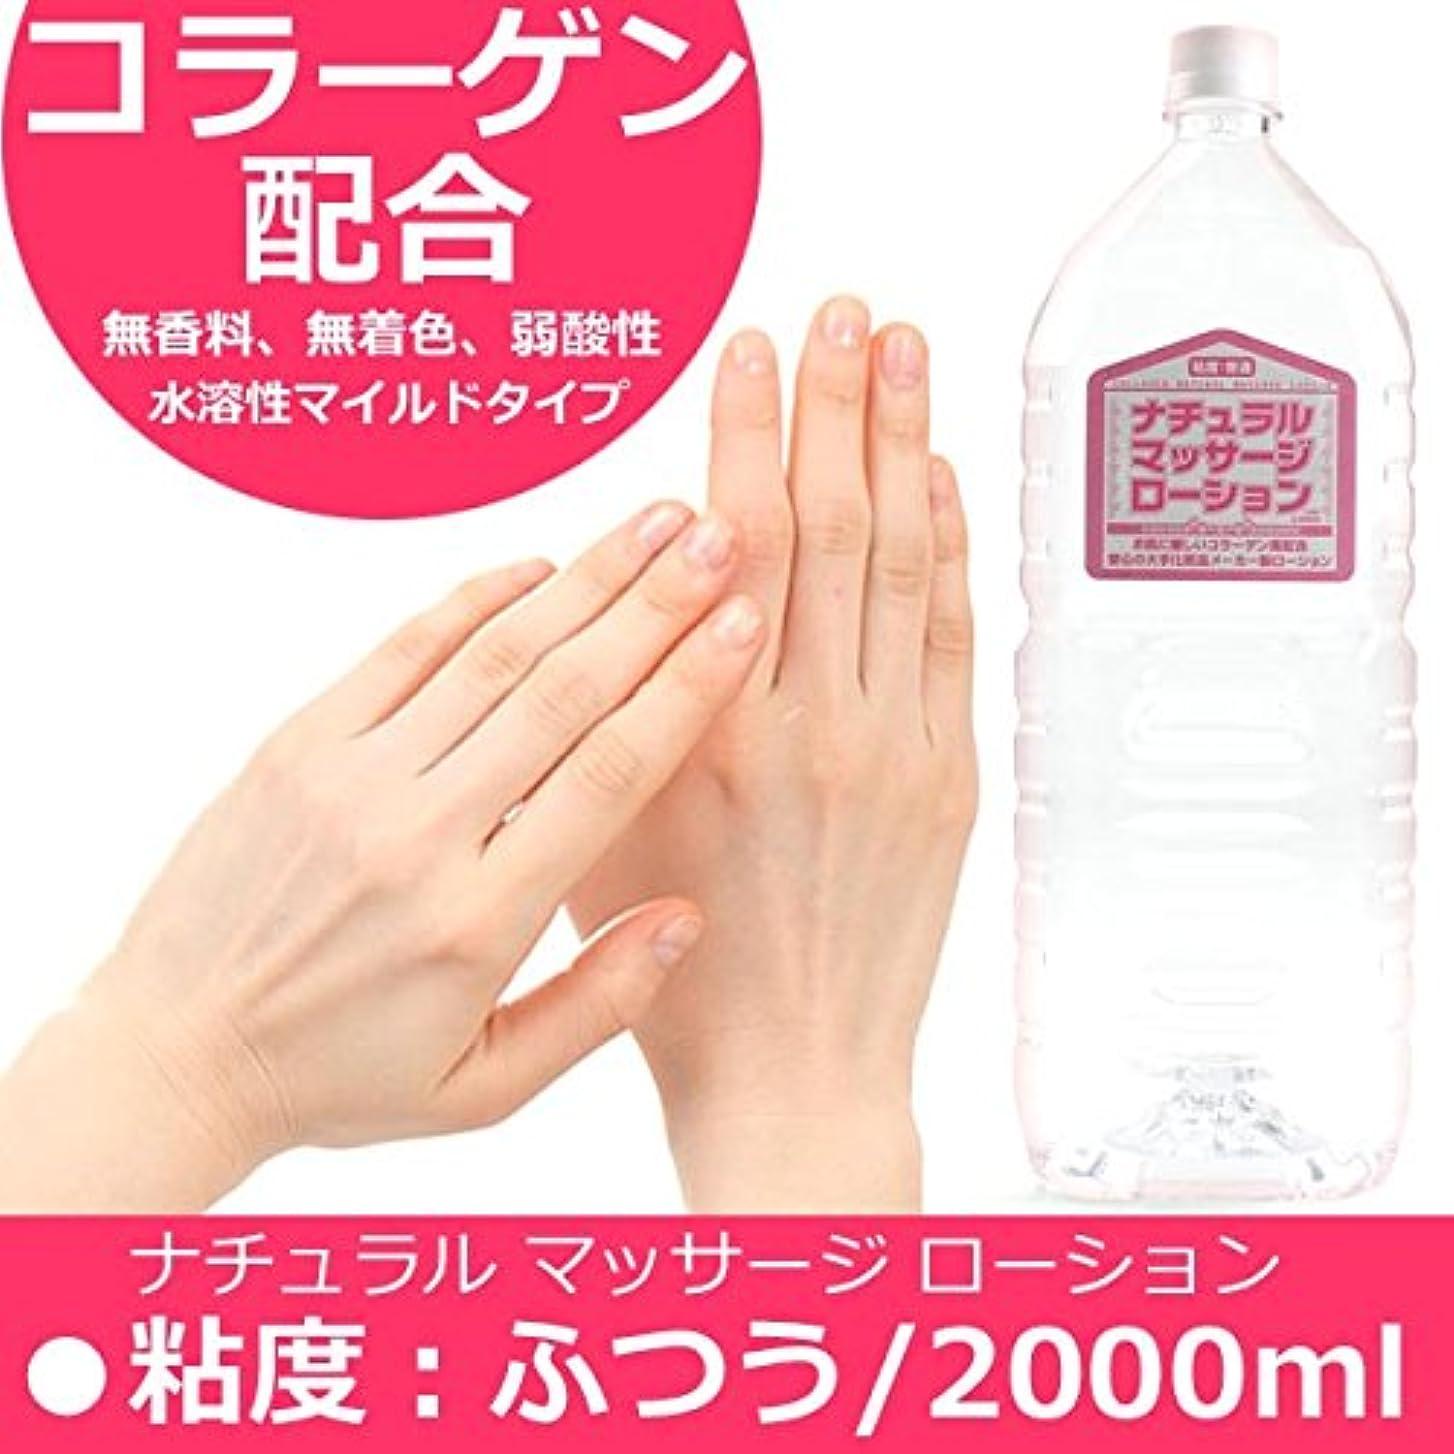 パステル有能な寛解ナチュラルマッサージ ローション 2000m 業務用の詰替えにも!!